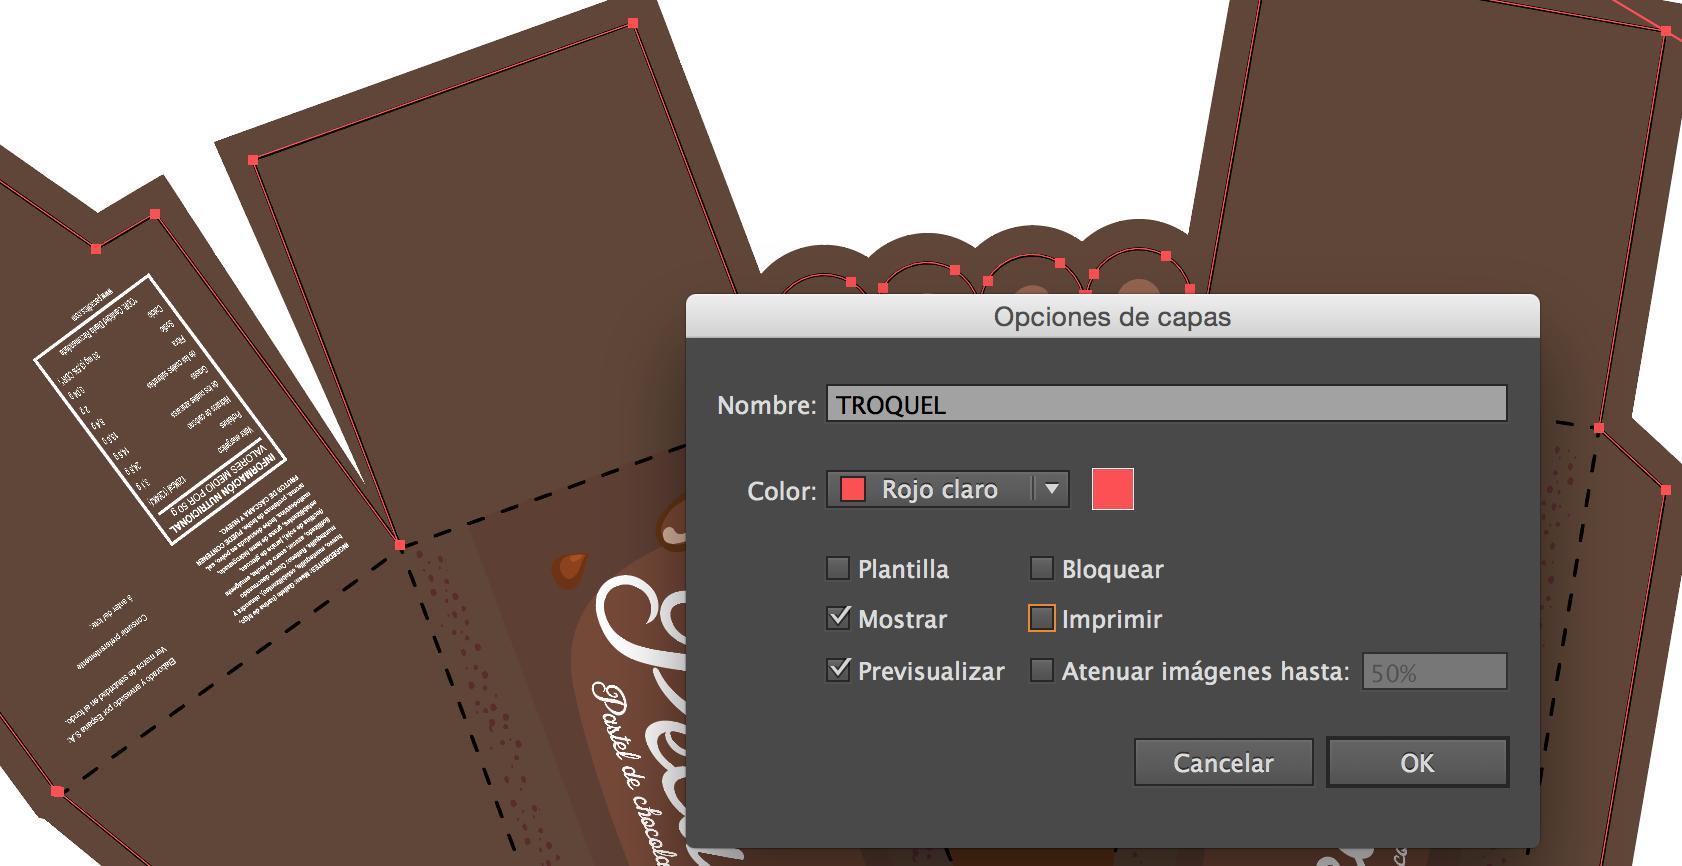 6 marcas importantes para un diseñador. - blogartesvisuales